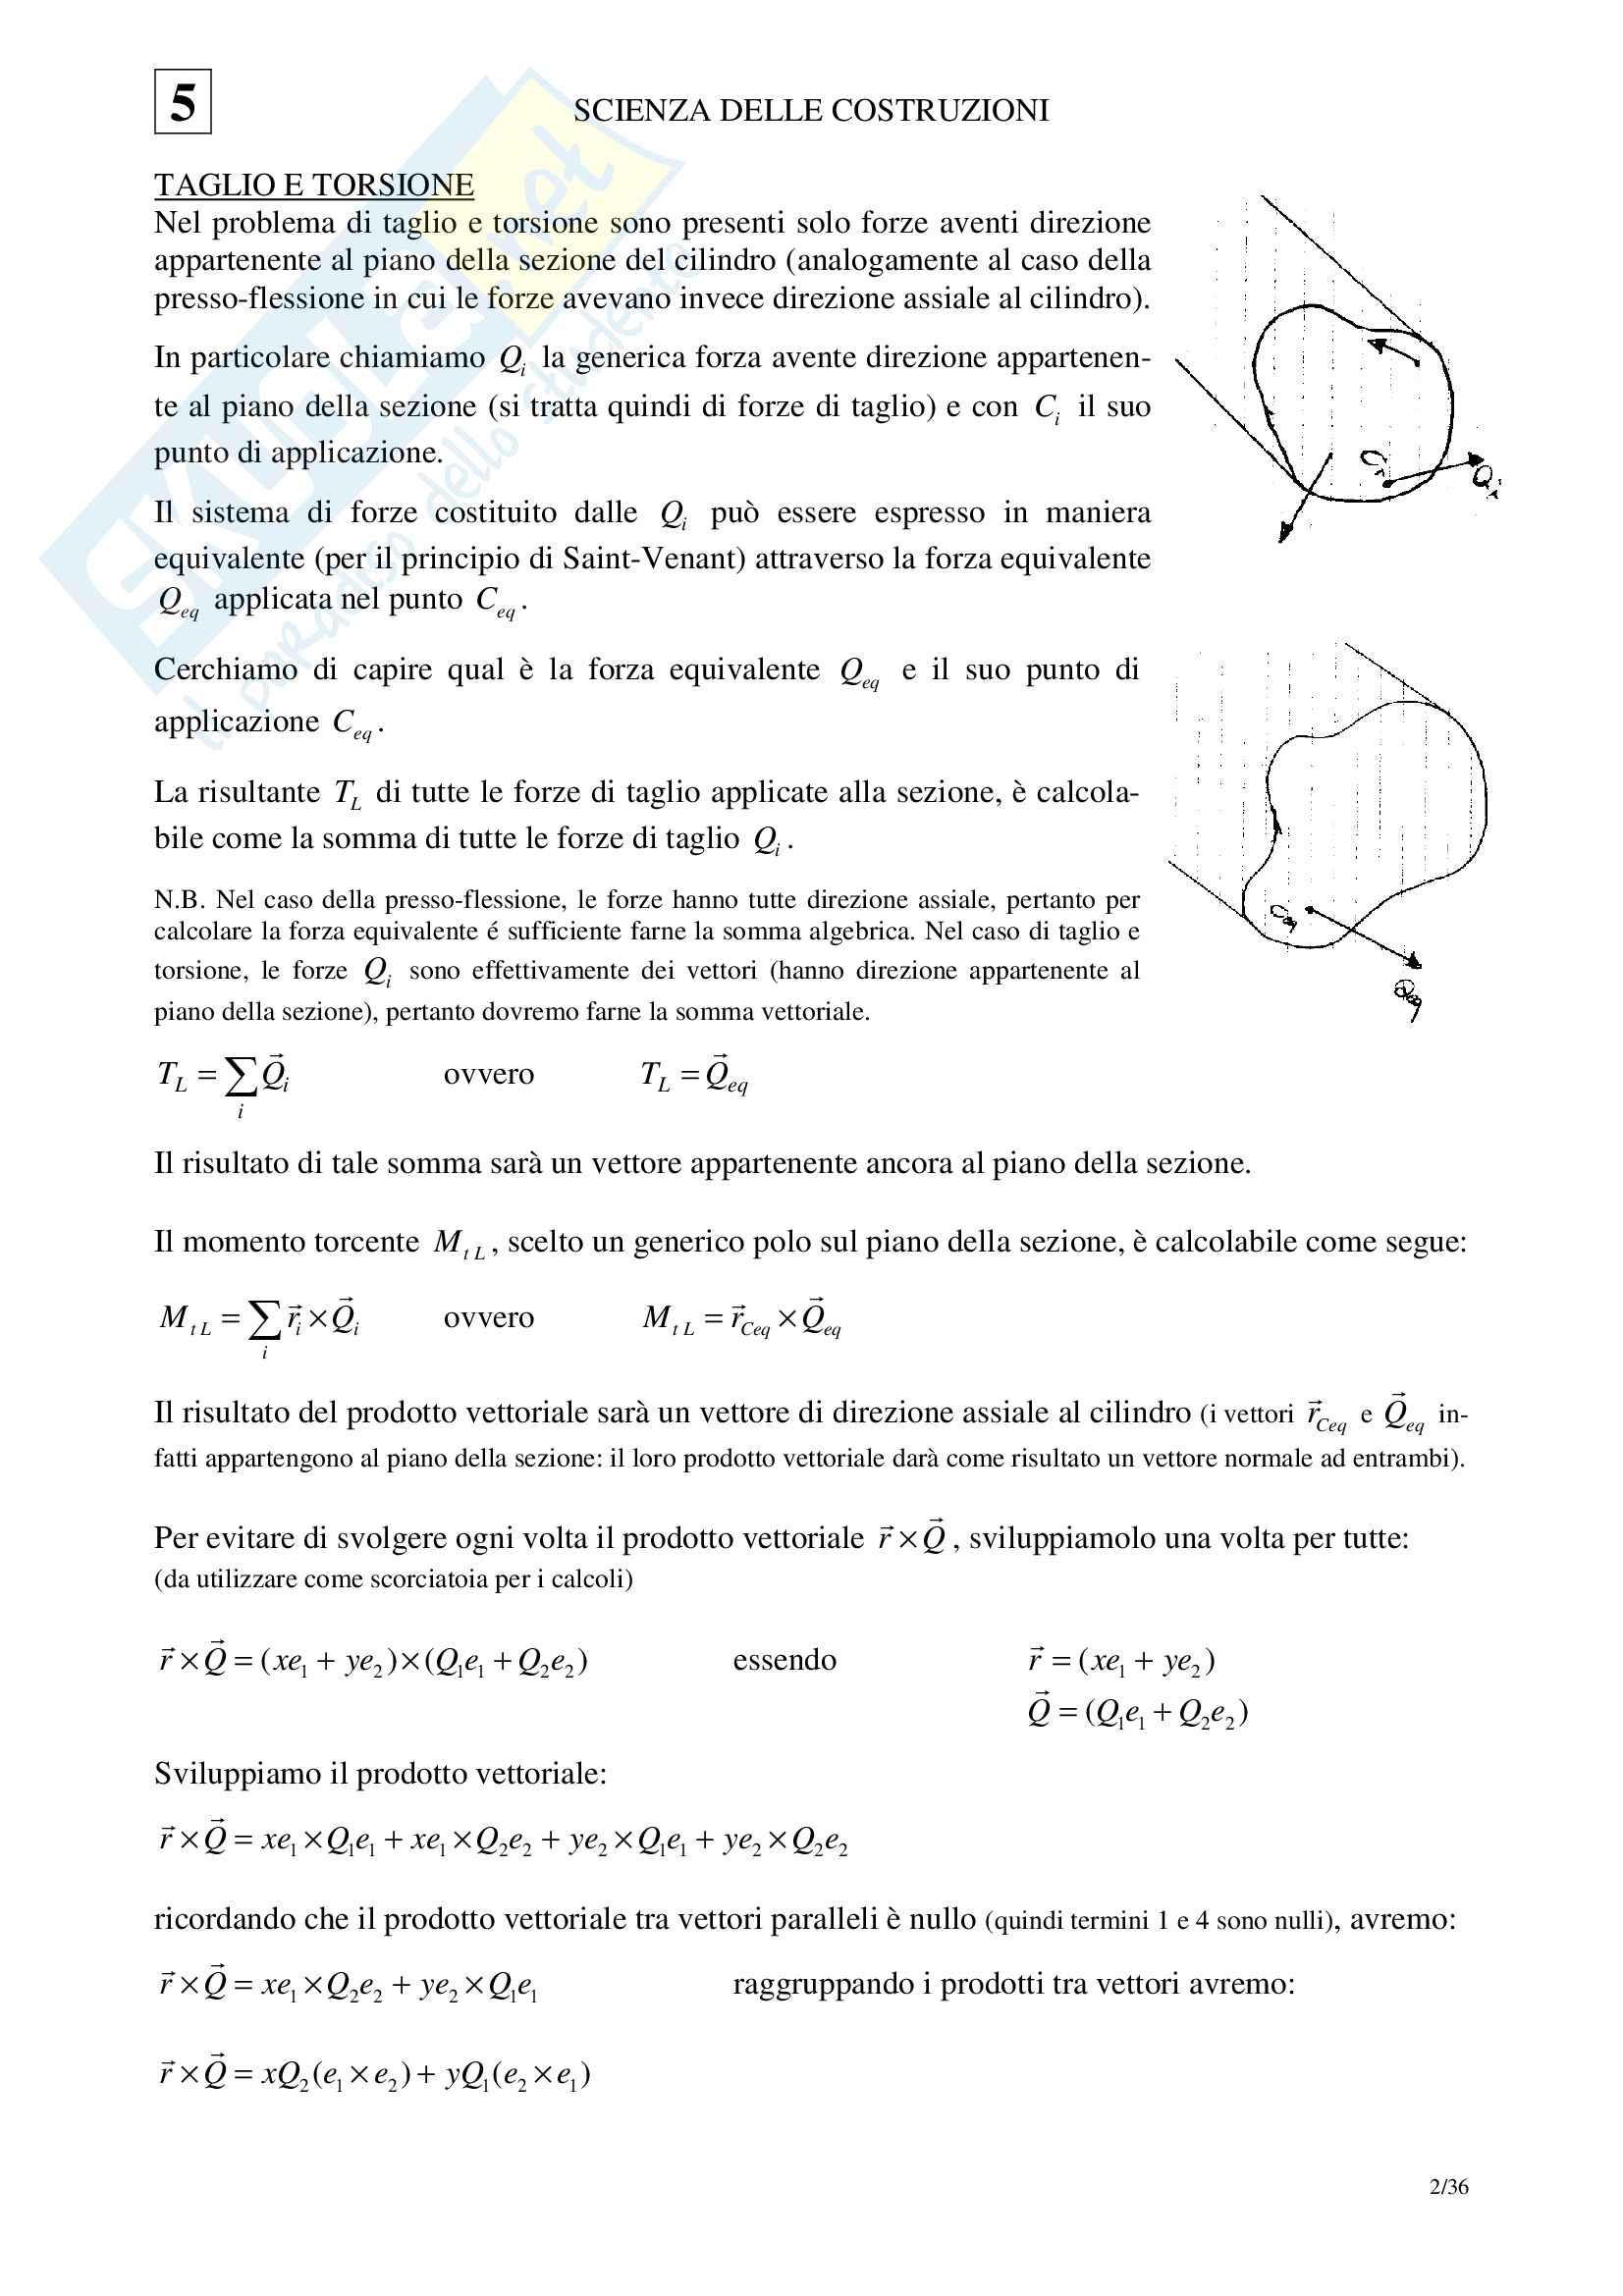 05 Scienza delle Costruzioni - Taglio e torsione Pag. 2